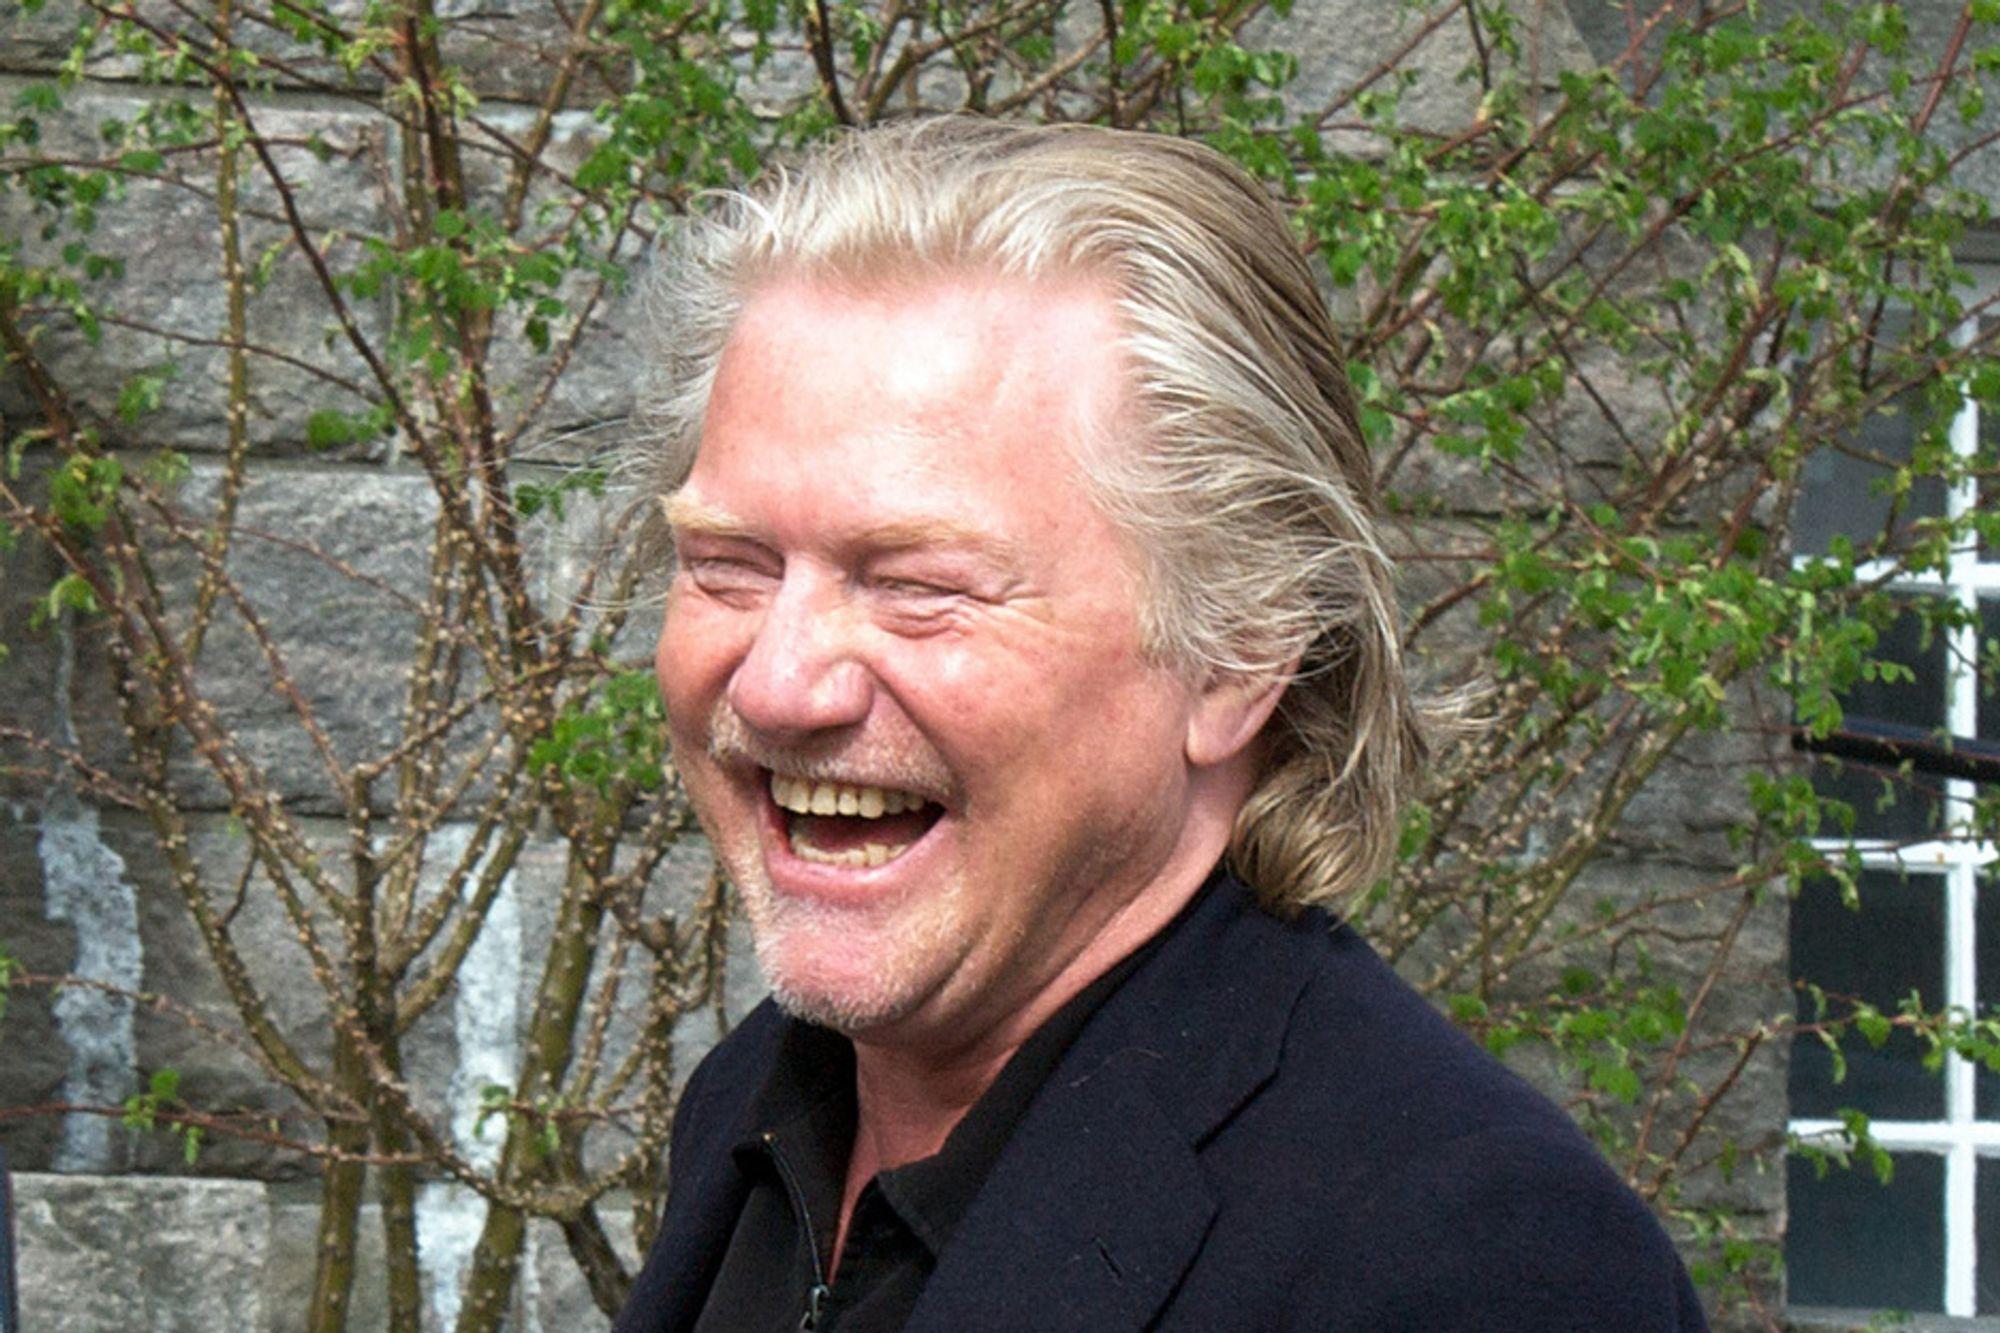 Morten Krogvold bruker ikke digitalkamera. Han trives med gammeldags film og mørkerom.